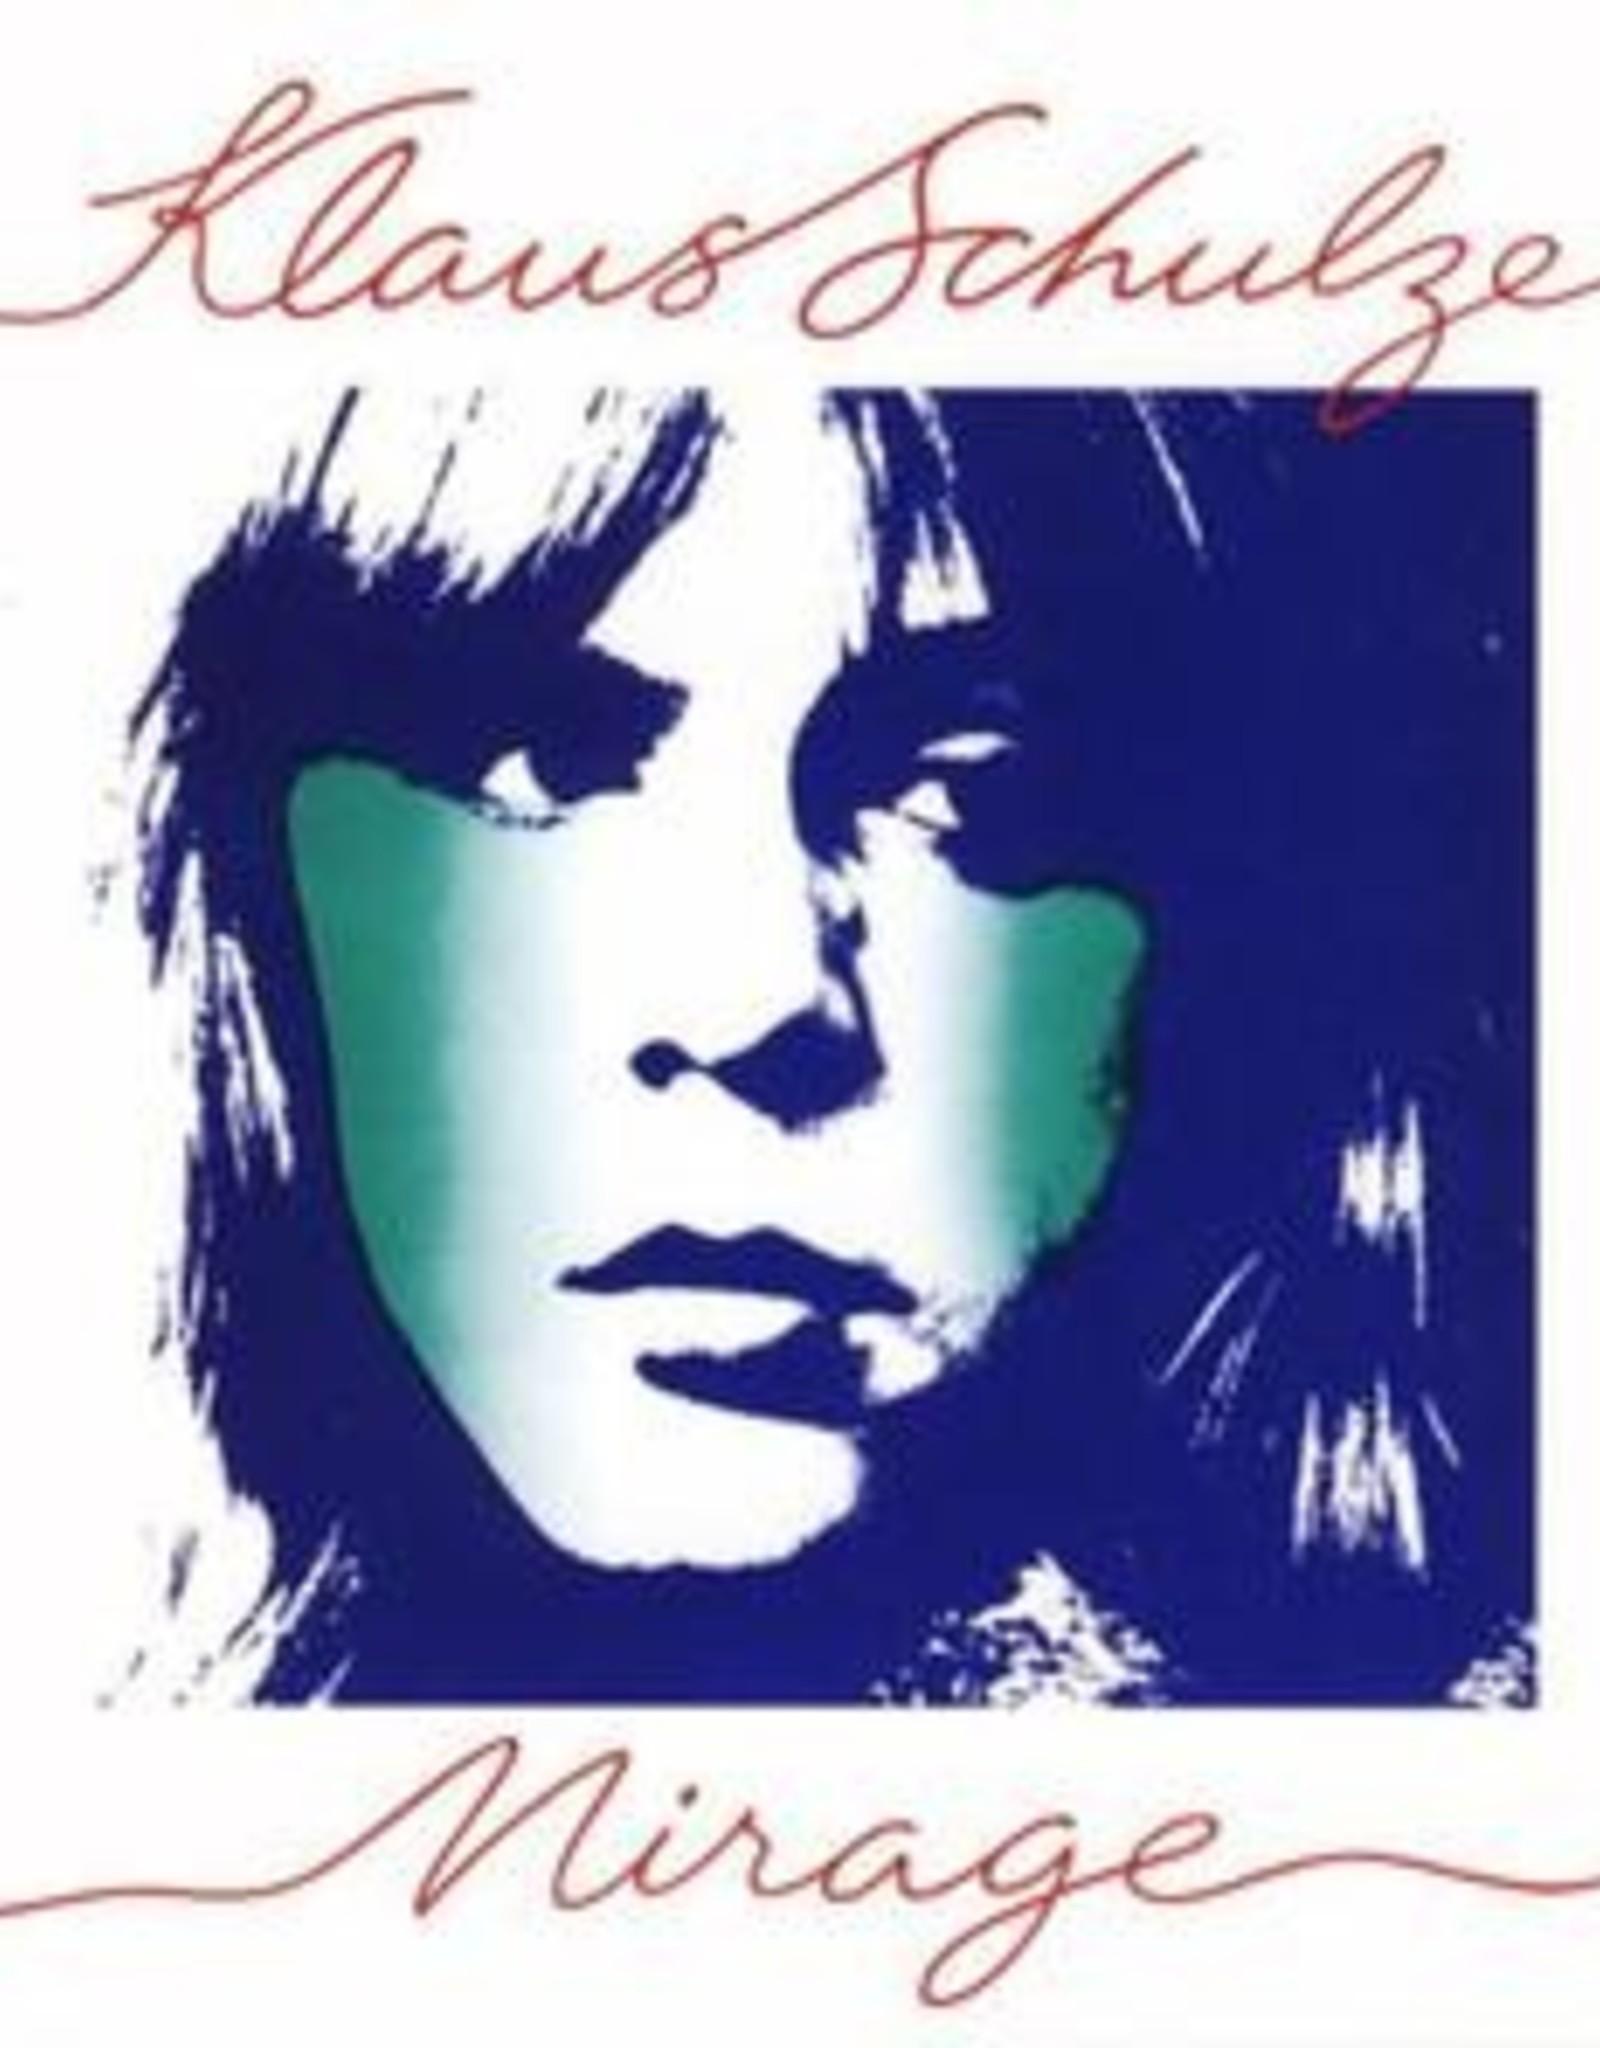 Klaus Schulze - Mirage (180 Gram)